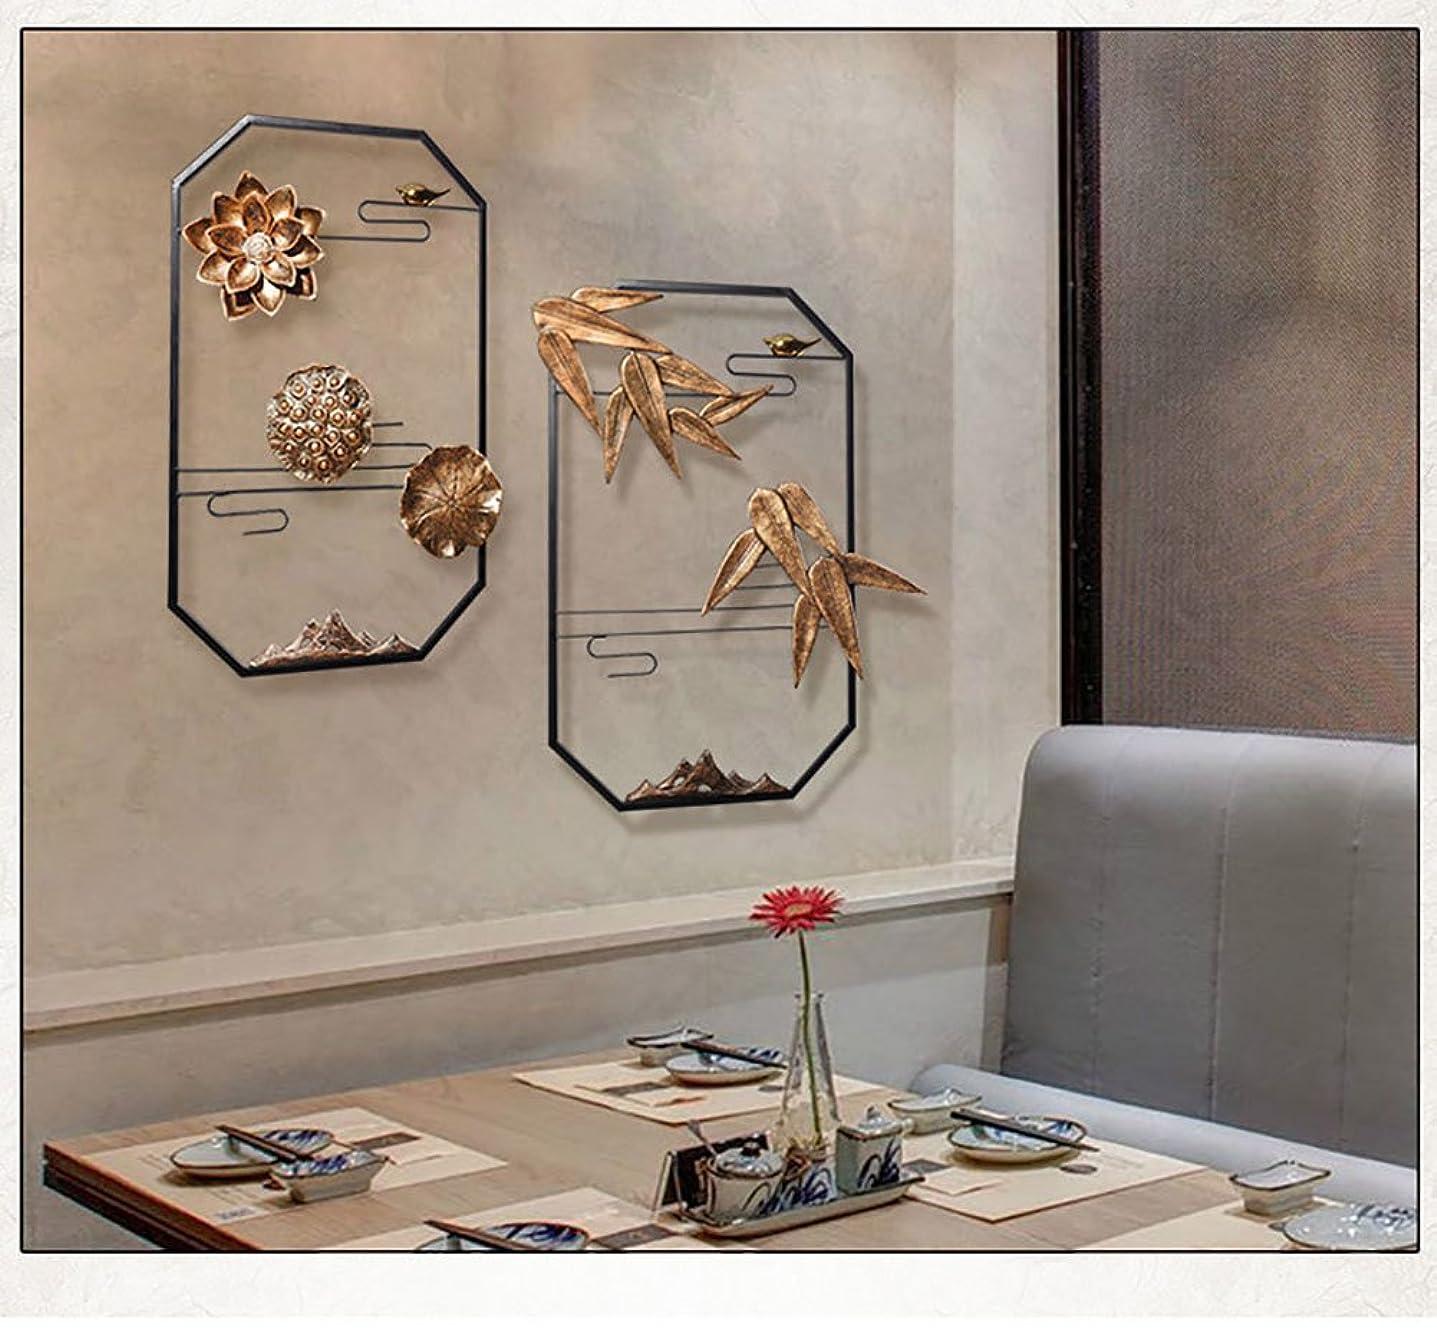 鮫事件、出来事メール形状棚、アイアンアートウォールデコレーション中国スタイルの壁の装飾のペンダント創造性の居間の壁の装飾エントランスの装飾品の家の壁面のサスペンションソフトローディングアクセサリー (Design : Two Suits)